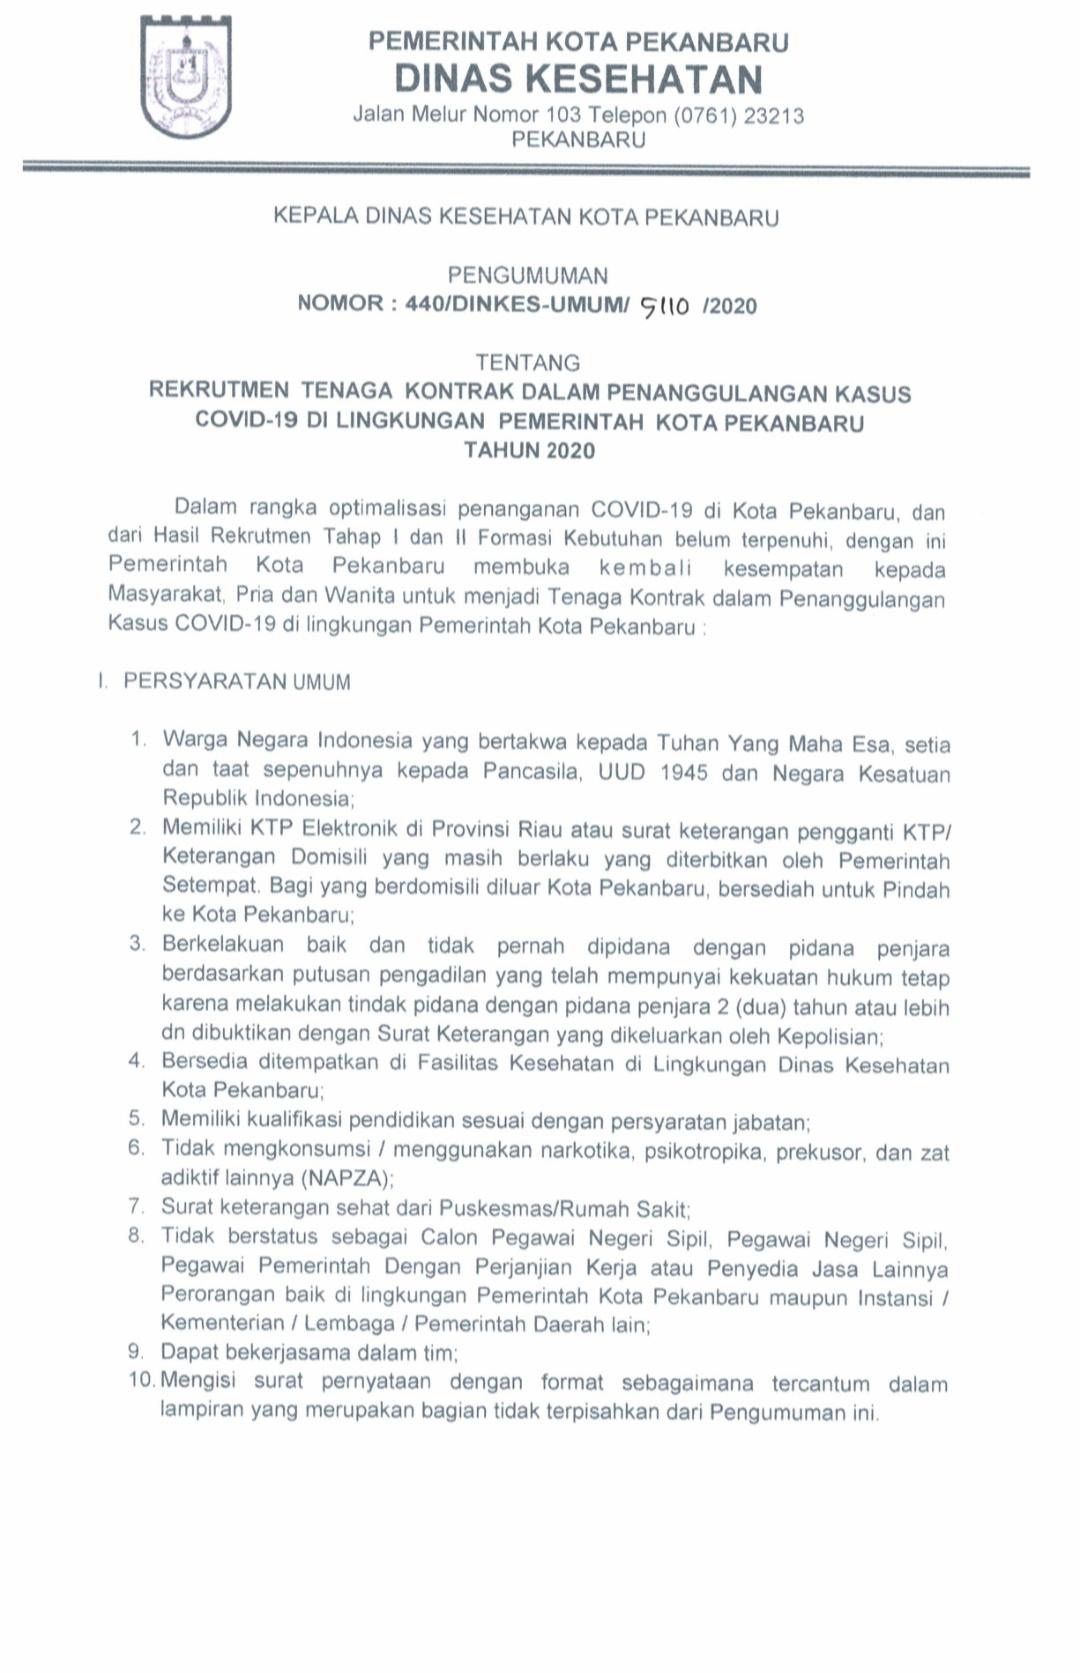 Rekrutmen Tenaga Kontrak Penanggulangan Covid - 19 Di Lingkungan Pemerintah Kota Pekanbaru Tahun 2020